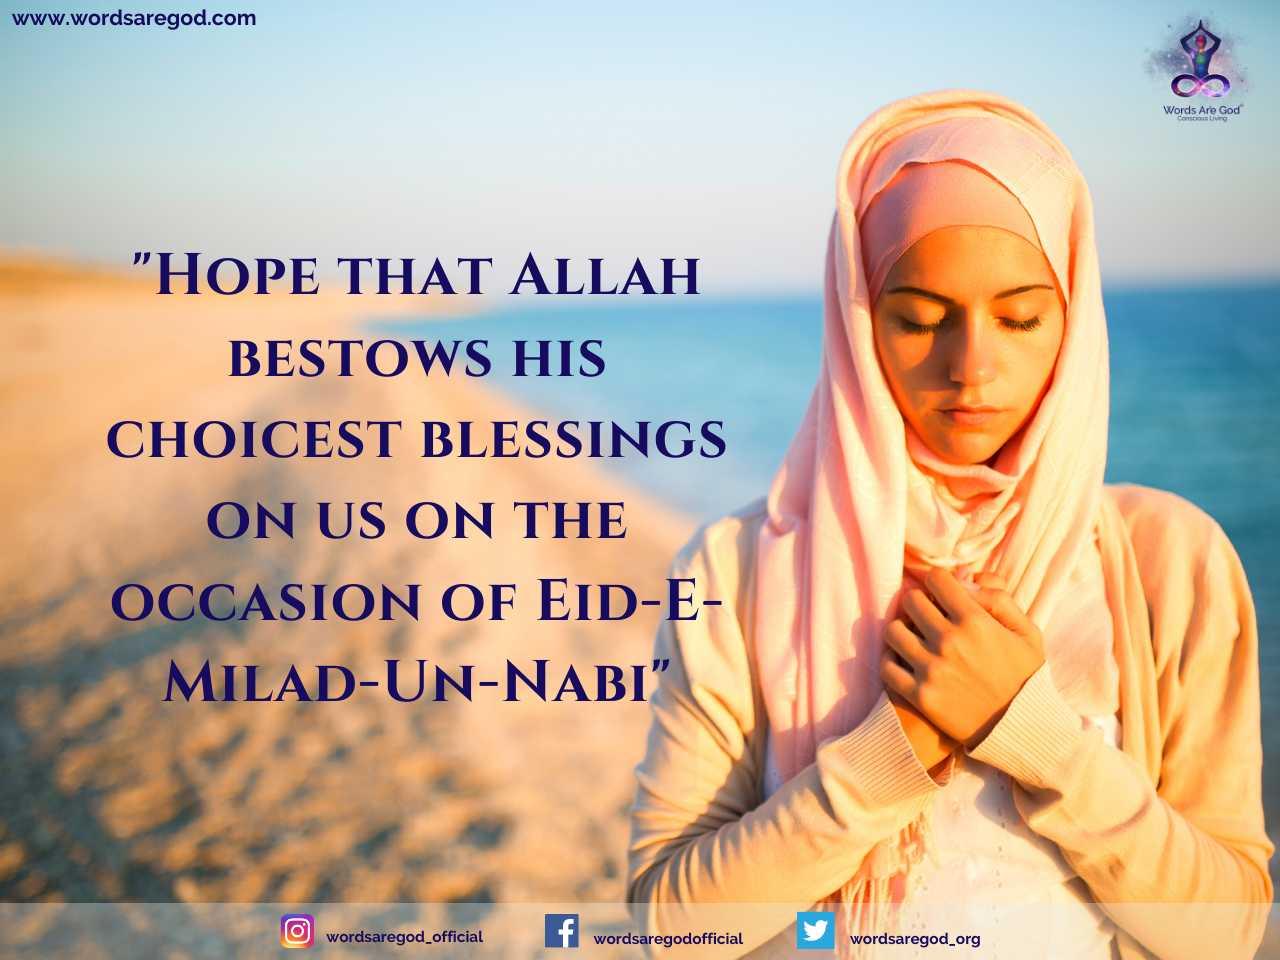 Eid Milad-Un-Nabi Wishes